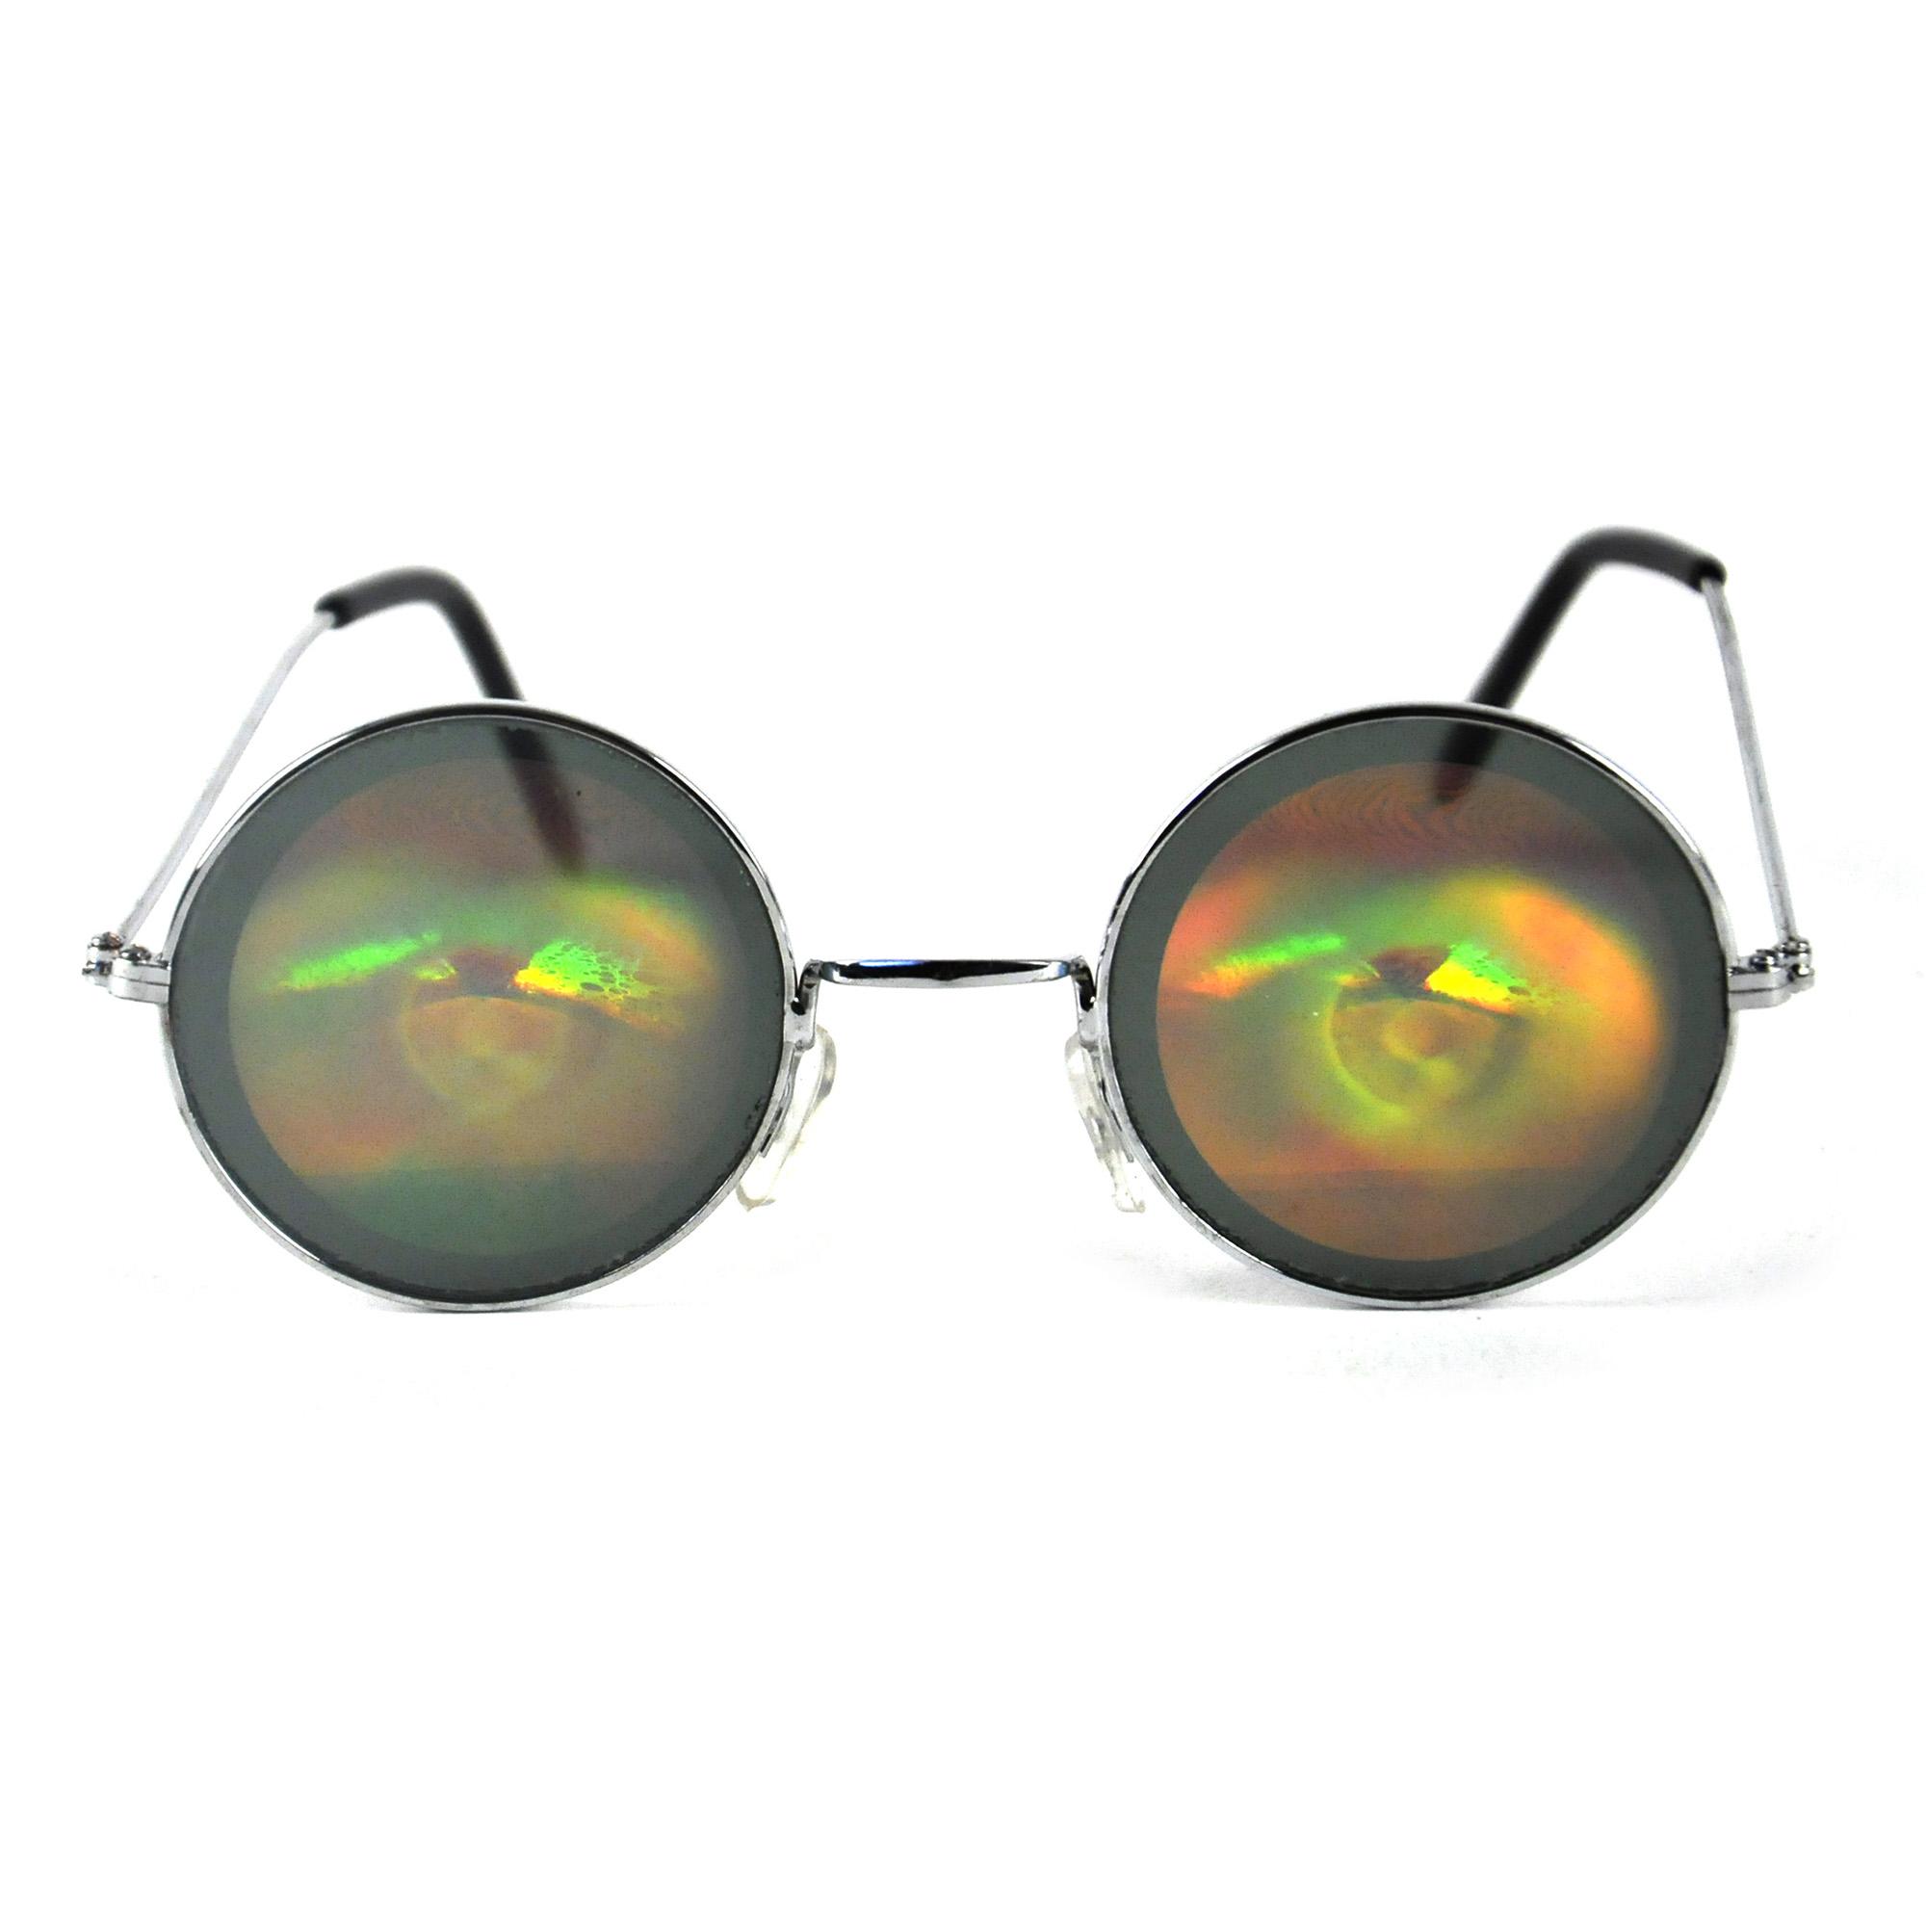 Hologram Eyeballs Glasses Pink Cat Shop